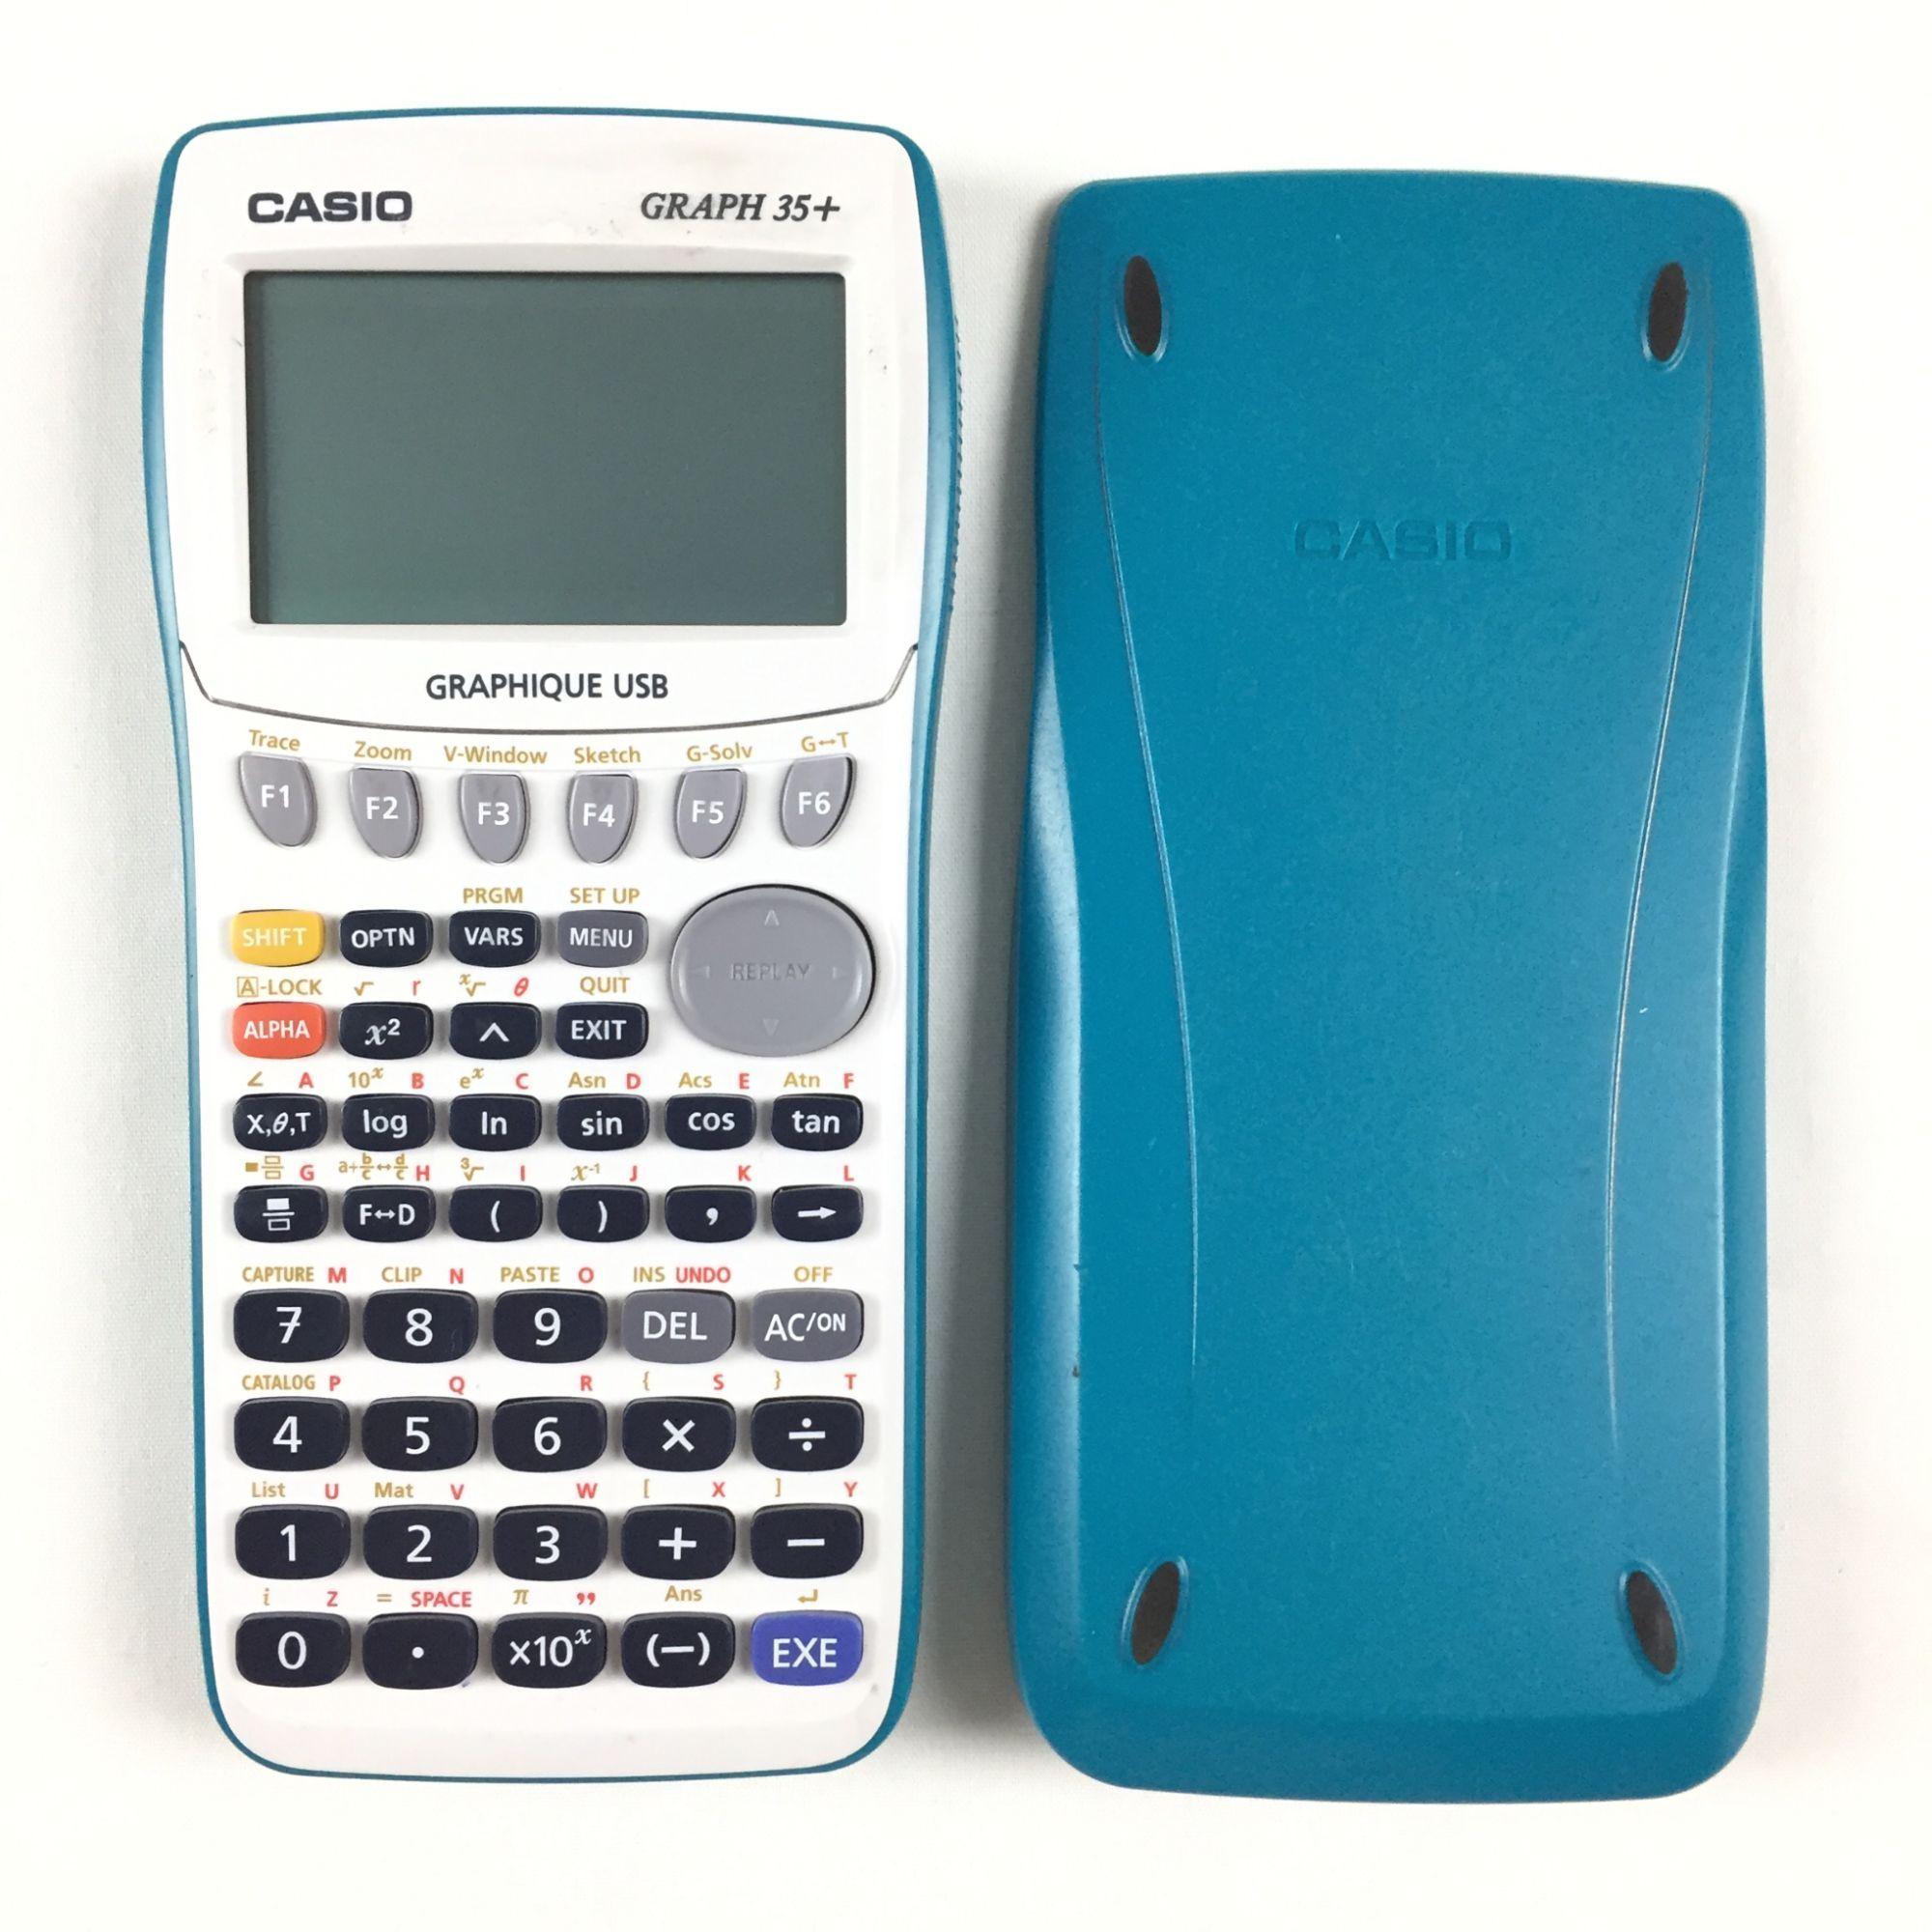 Casio Graph 35 E Calculatrice Graphique Calculatrice Graphique Usb Calcul